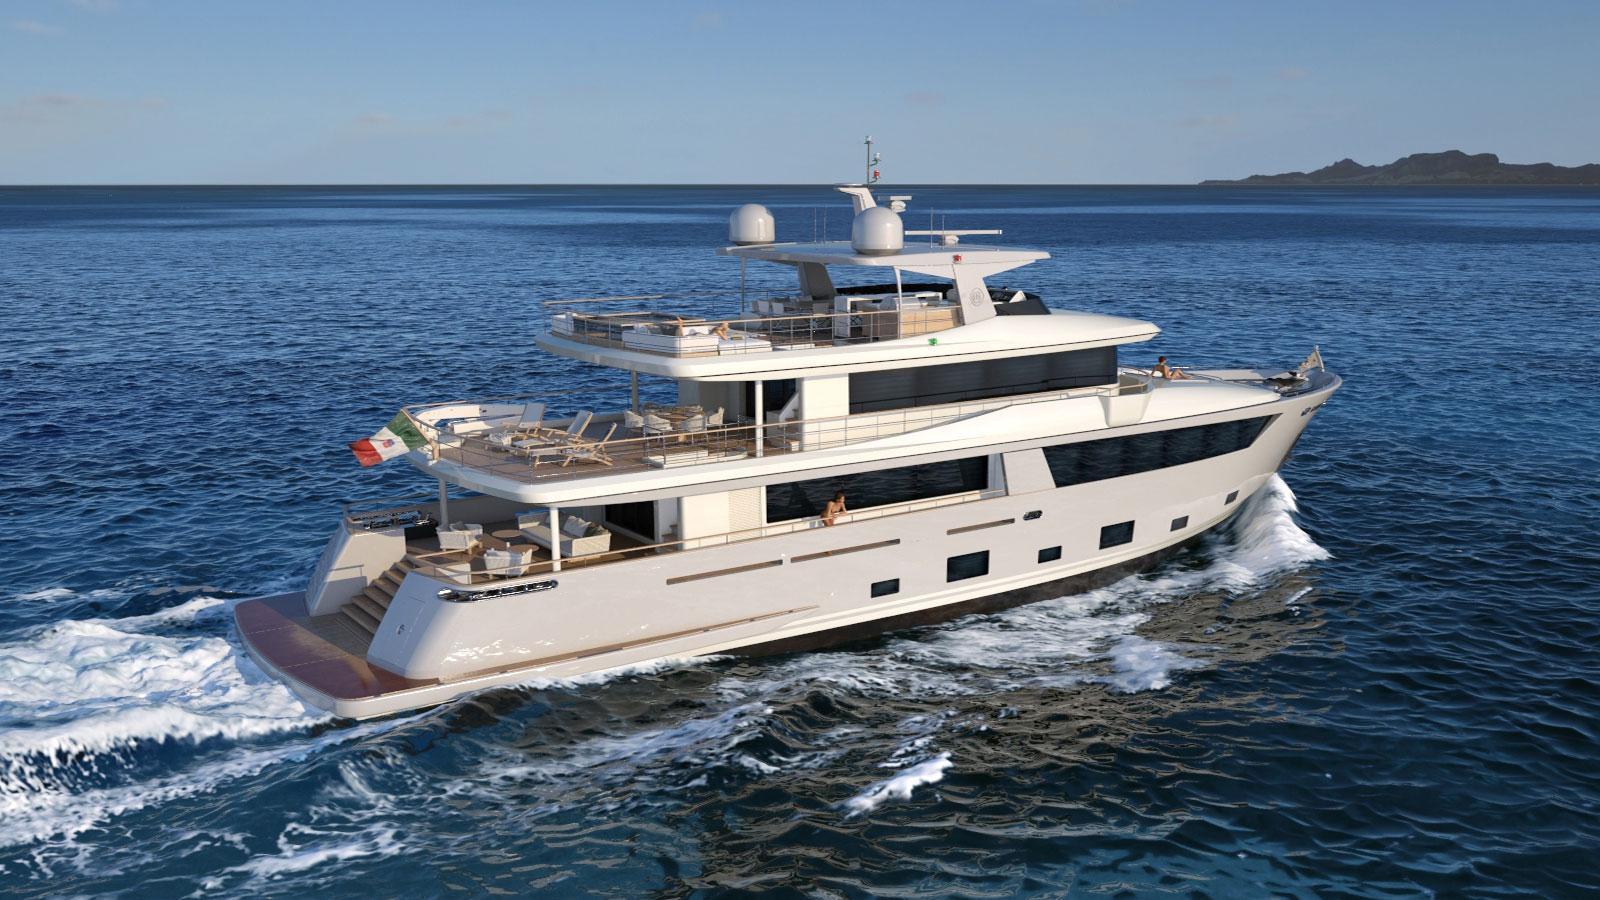 narvalo-motor-yacht-cantiere-delle-marche-2016-31m-nauta-air-108-profile